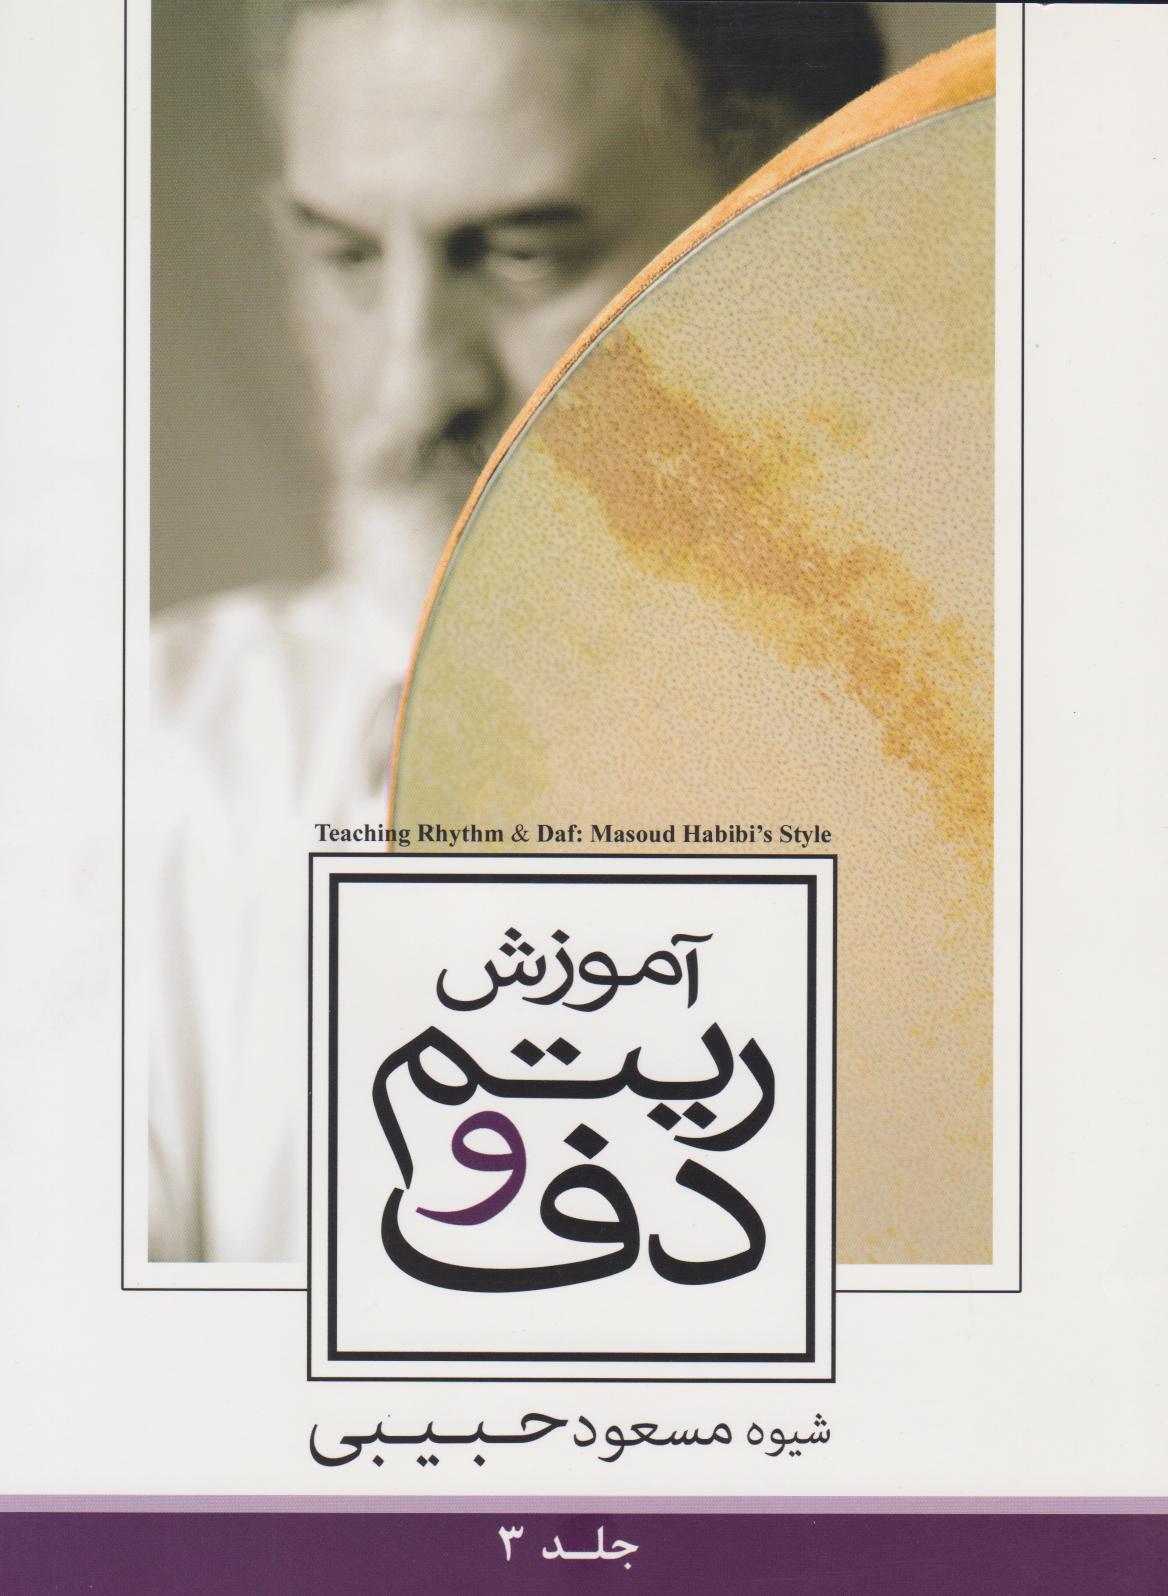 کتاب سوم آموزش ریتم و دف مسعود حبیبی انتشارات مولف